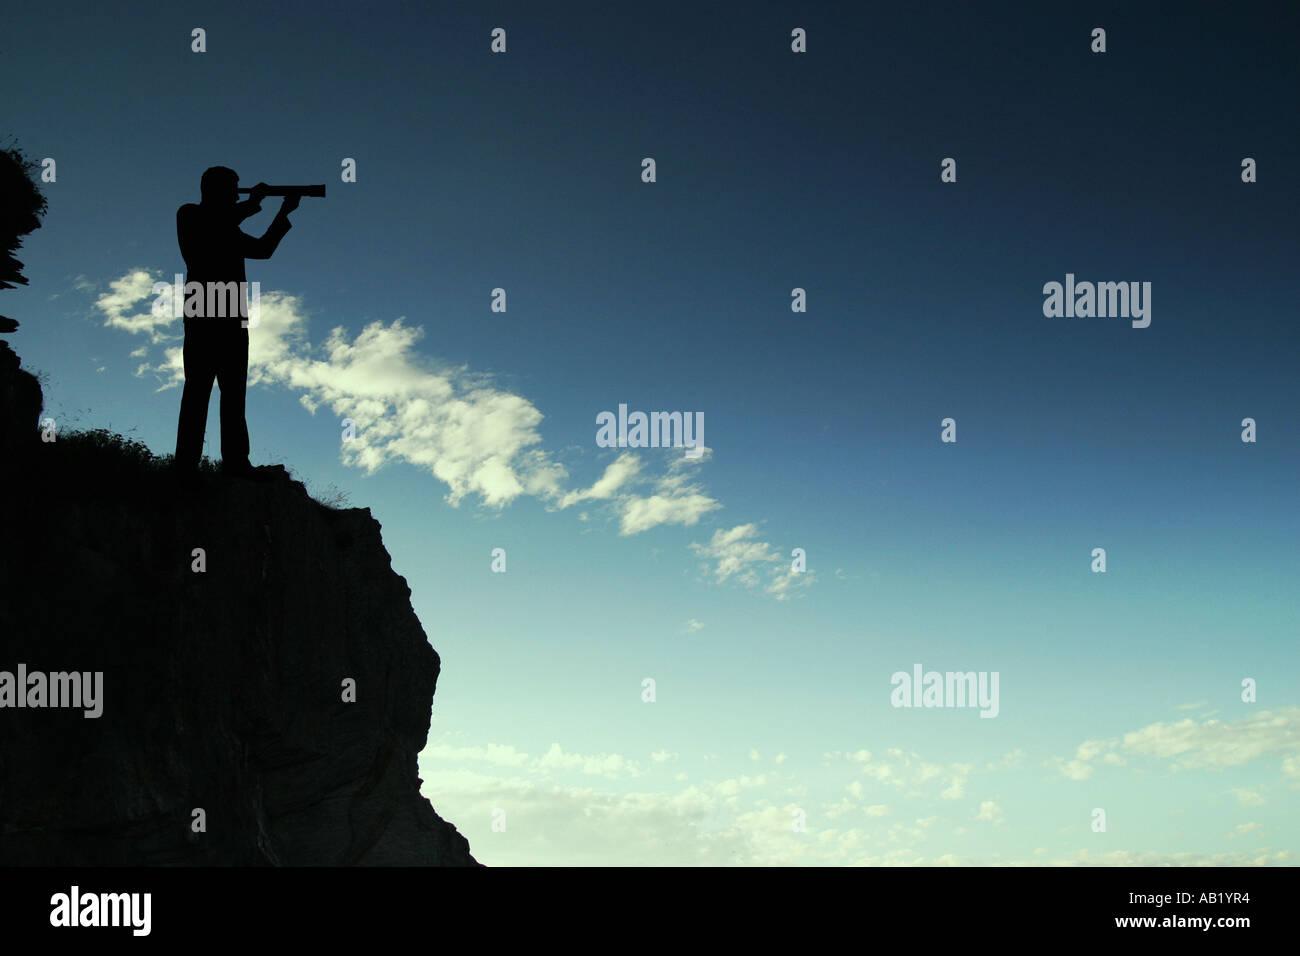 Un homme sur une falaise avec un télescope Photo Stock